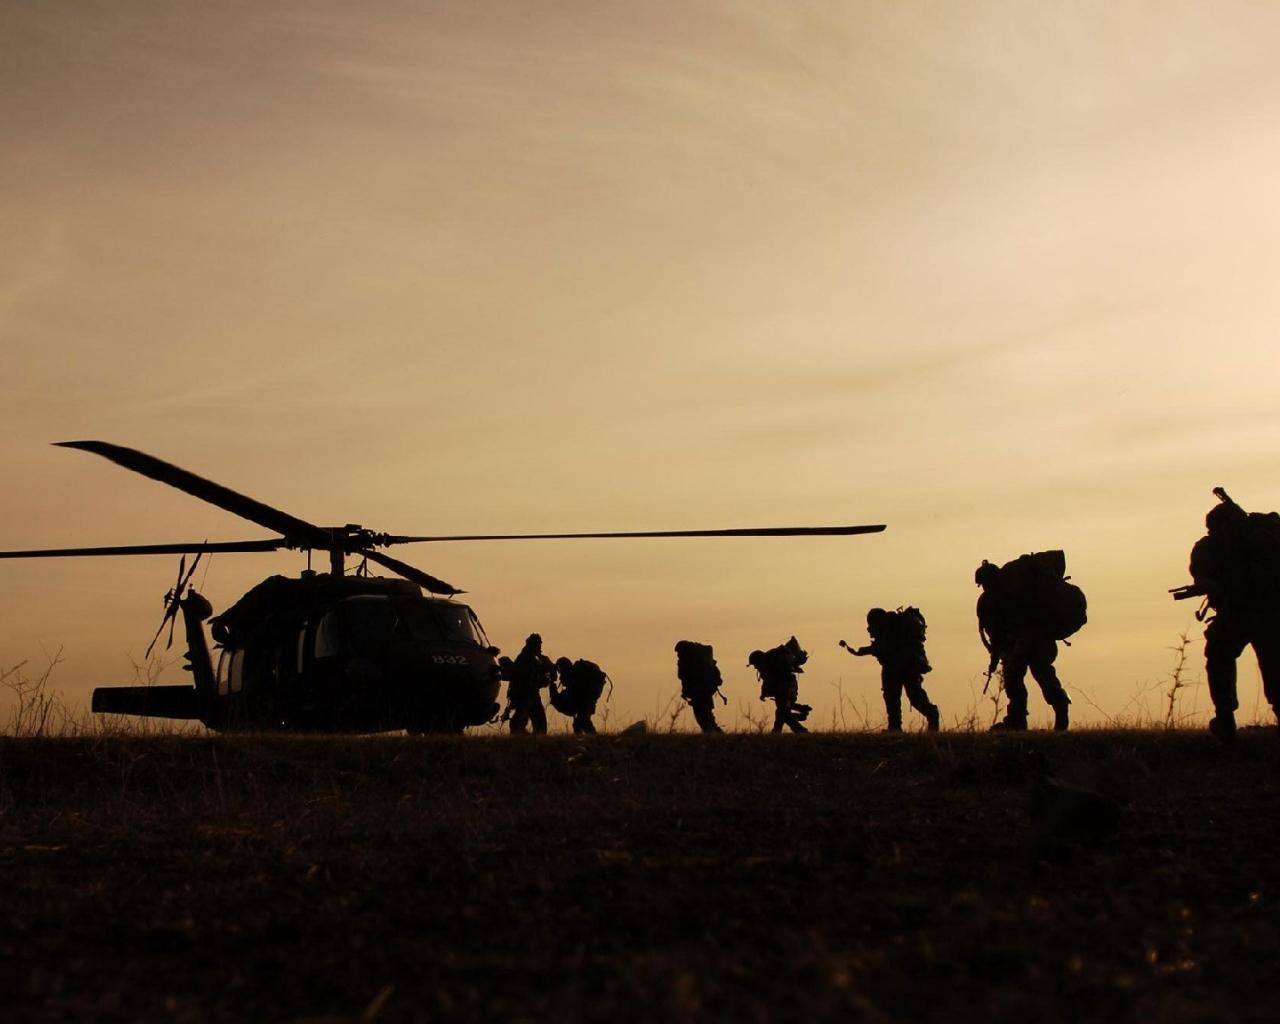 Soldados subiendo a Helicóptero - 1280x1024